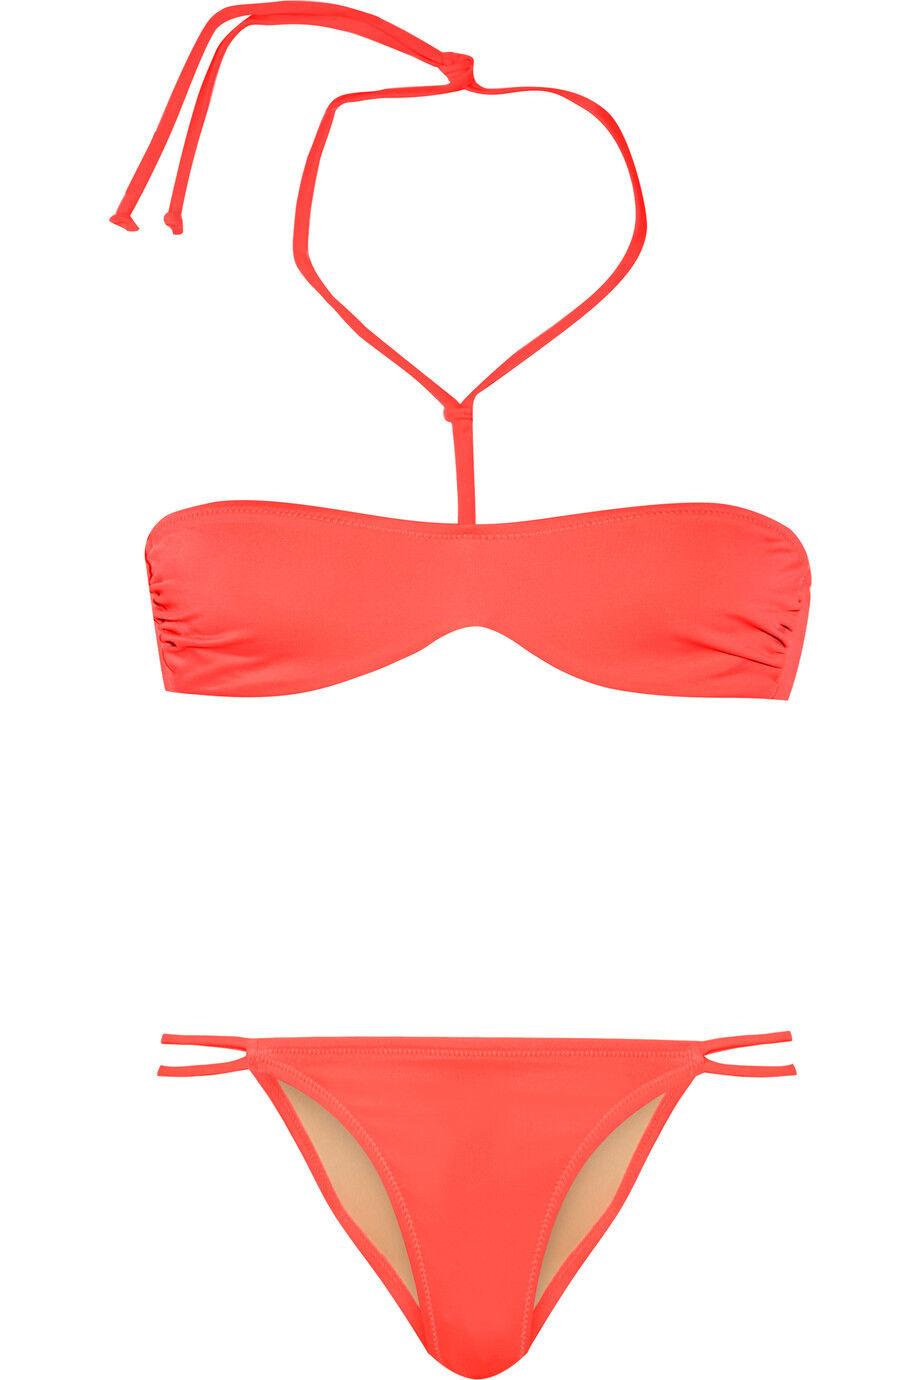 Agent Agent Agent Provocateur l'agent liiana Reggiseno Bikini colore corallo Neon brasiliano Breve Set S L f37d1e